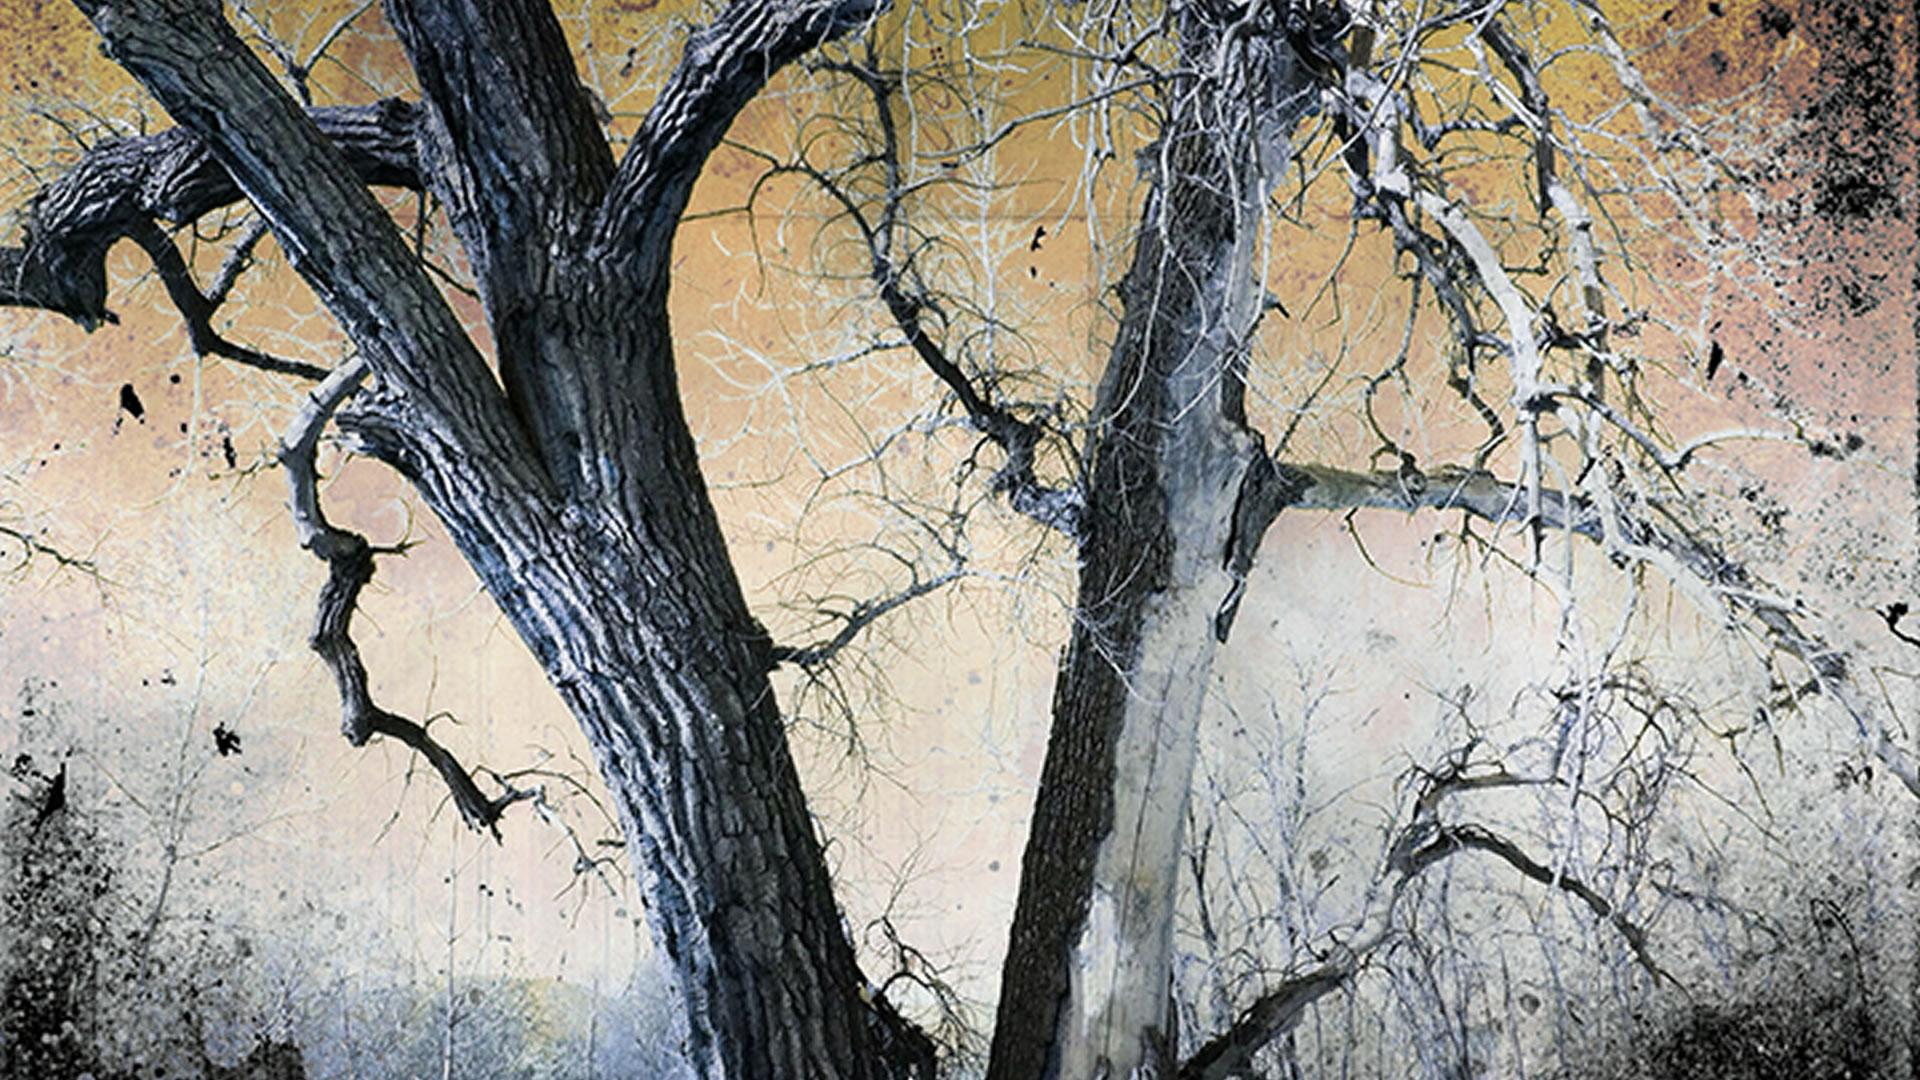 Kate-Zari-Roberts-Tree-of-Knowledge